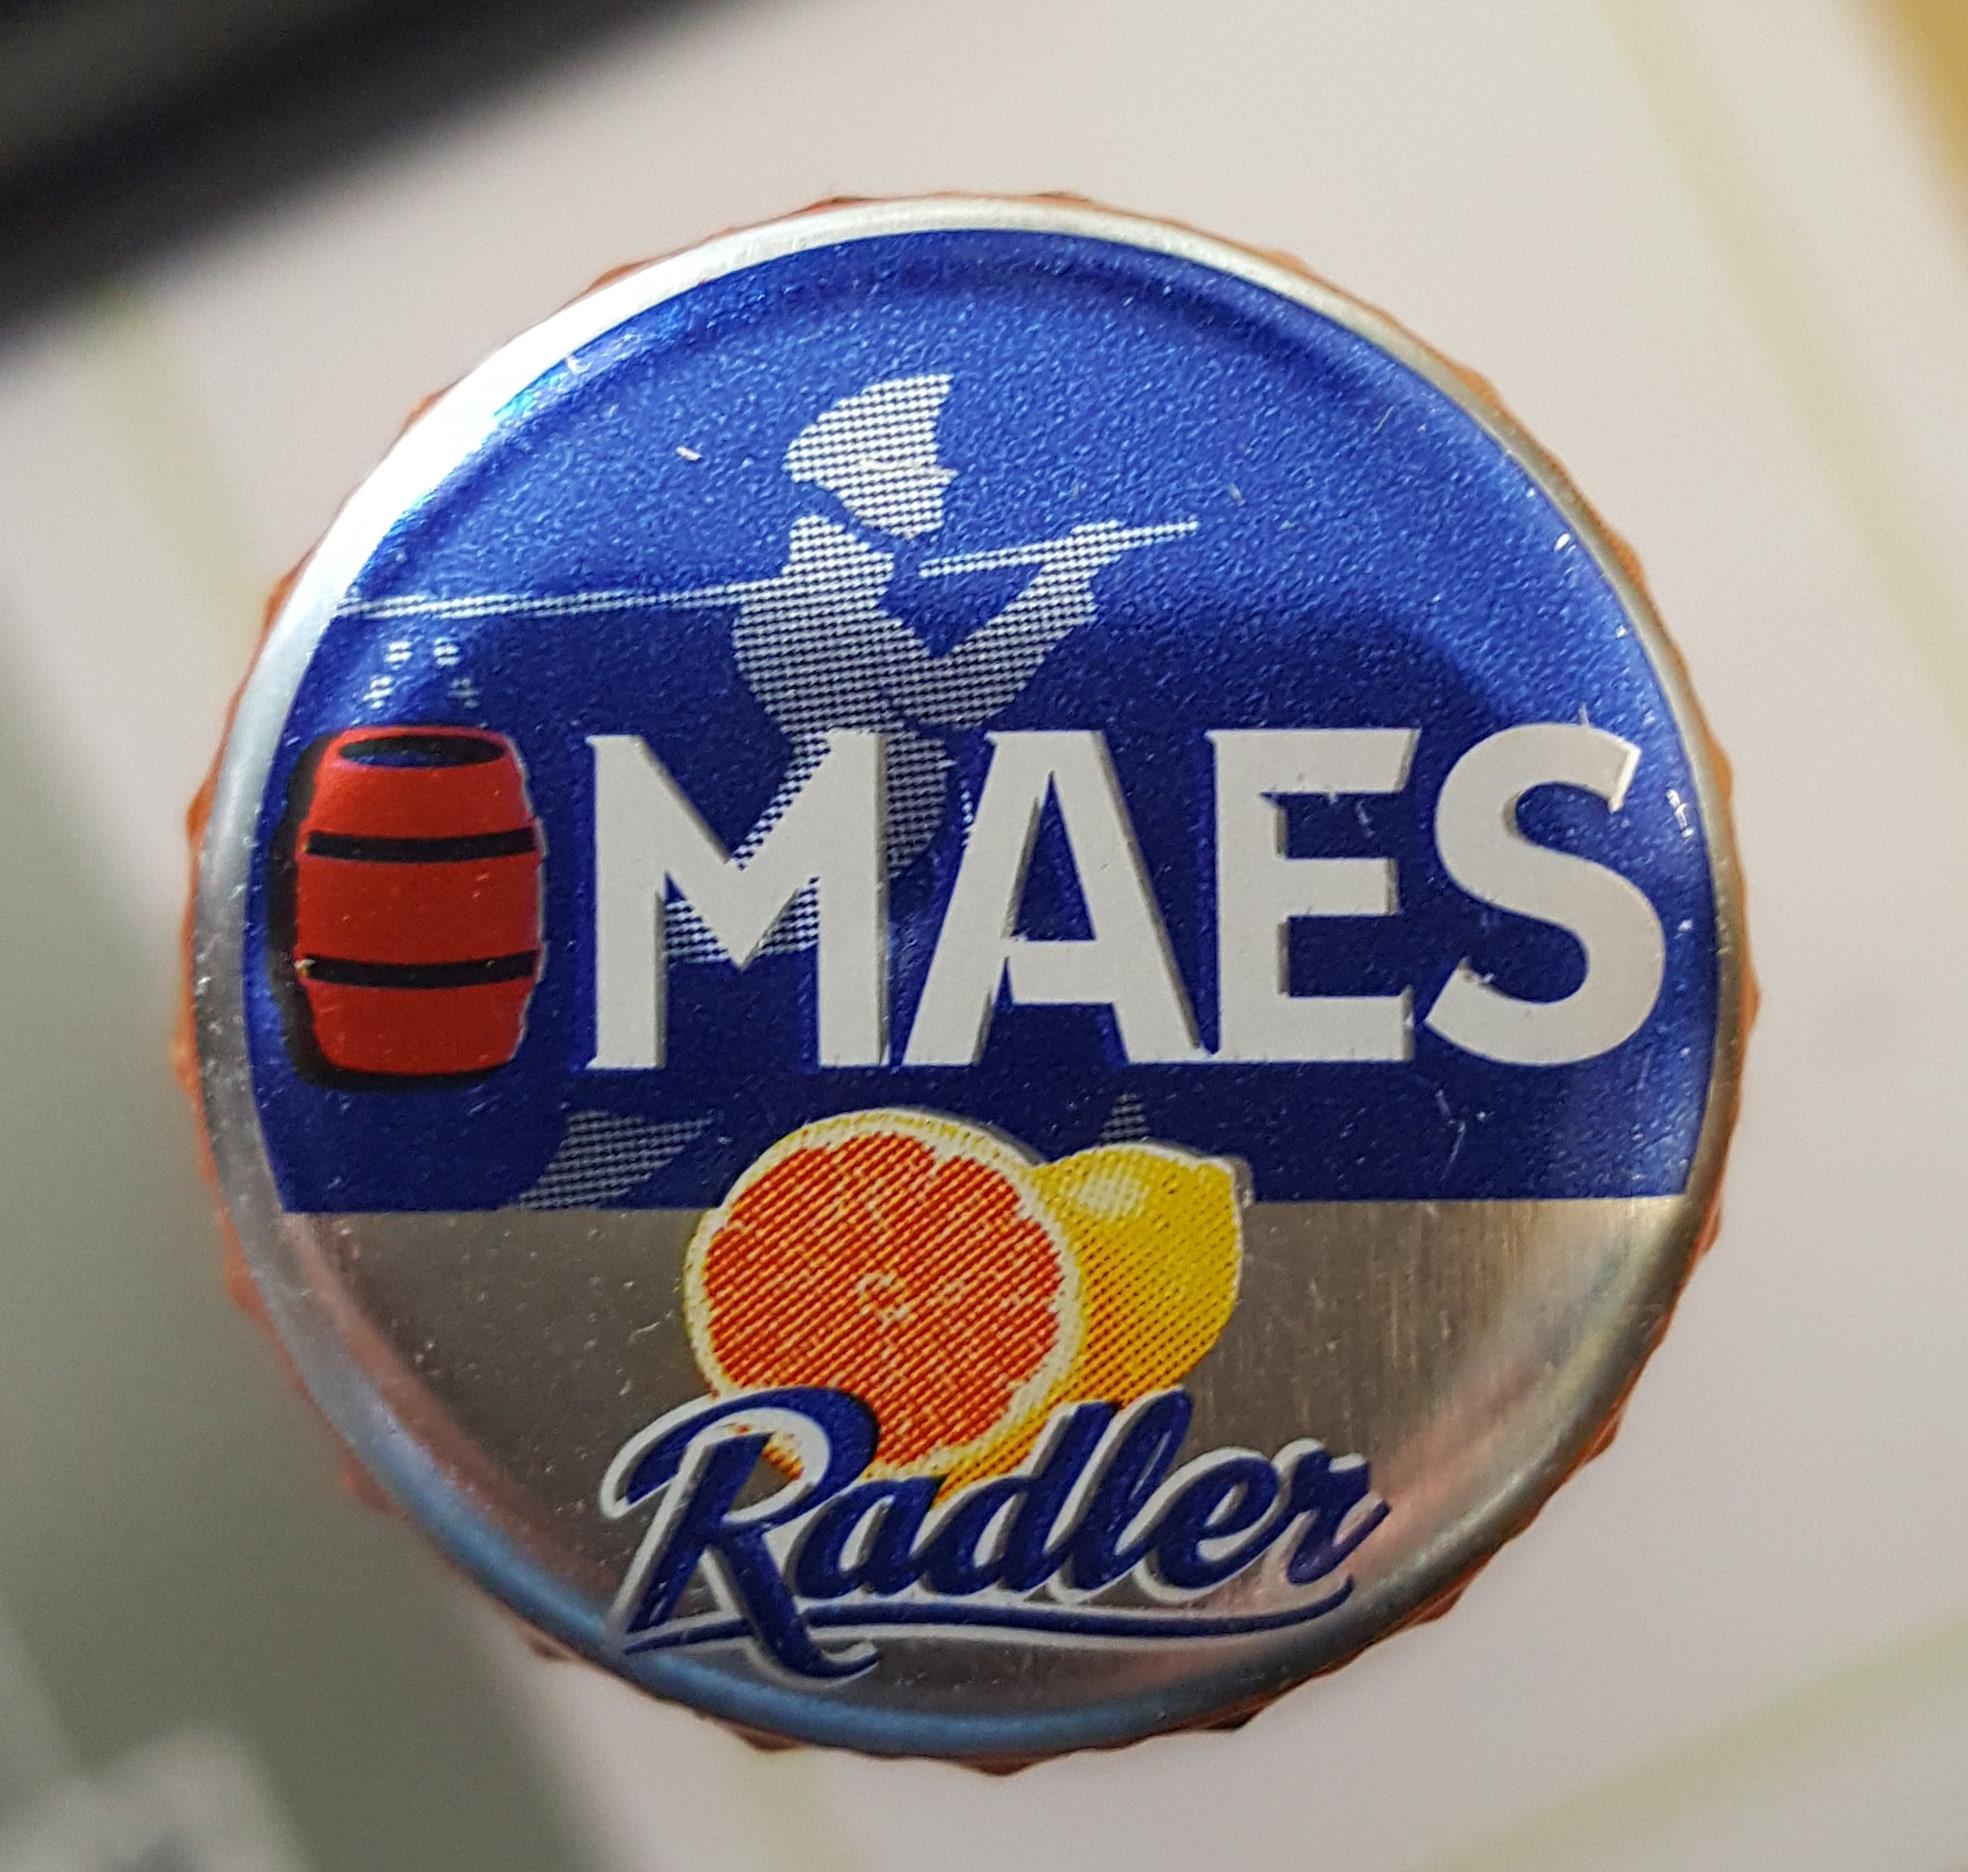 Maes Pils Bier_Alken-Maes_Radler-Pamplemousse_2